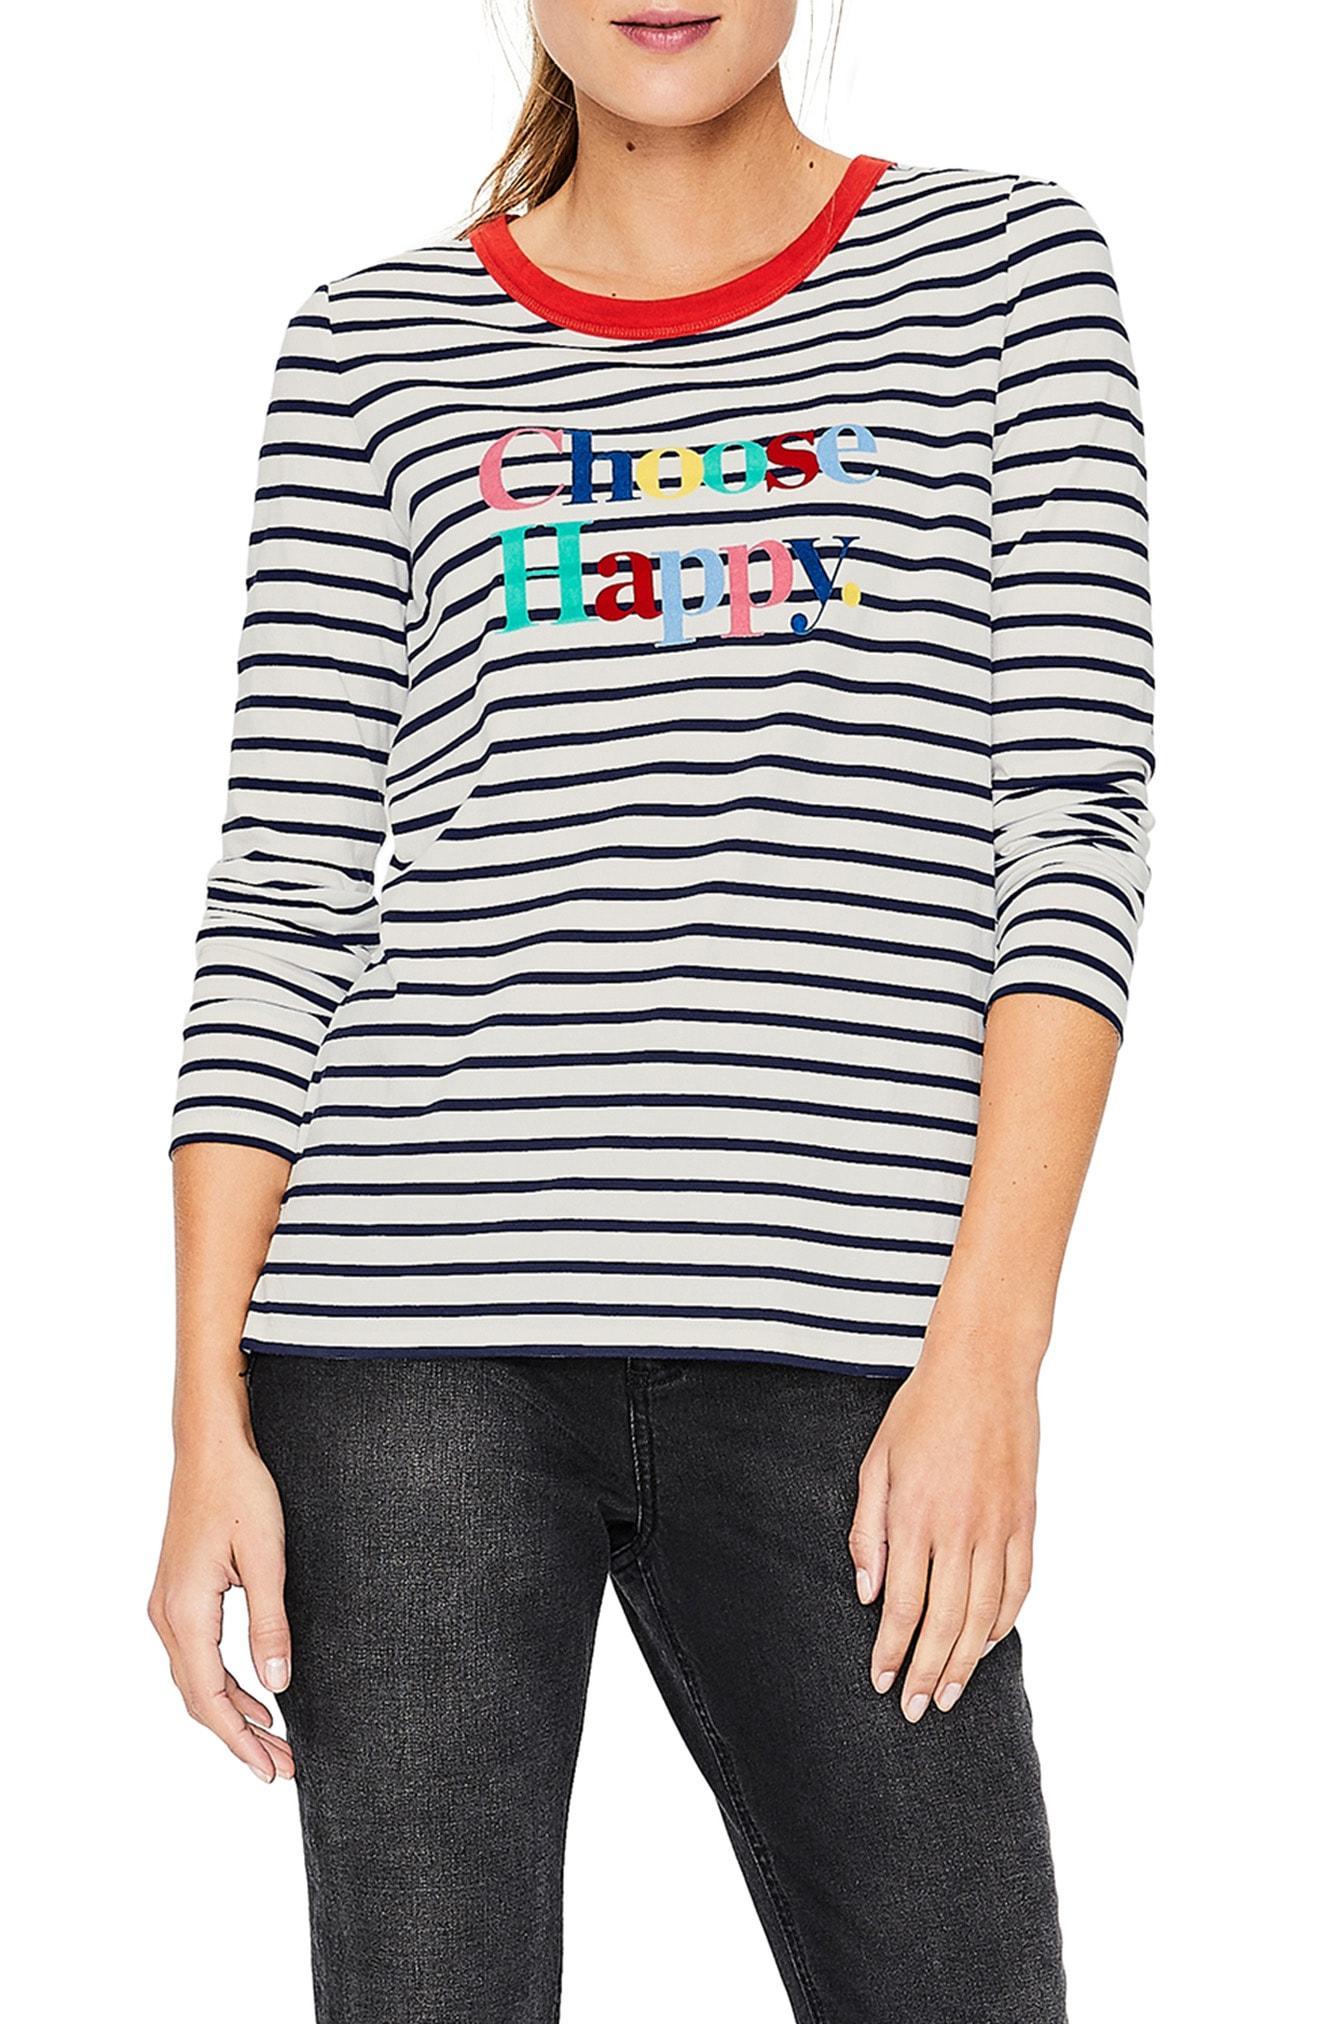 1ec1074222 Lyst - Boden Choose Happy Breton Stripe Top in Blue